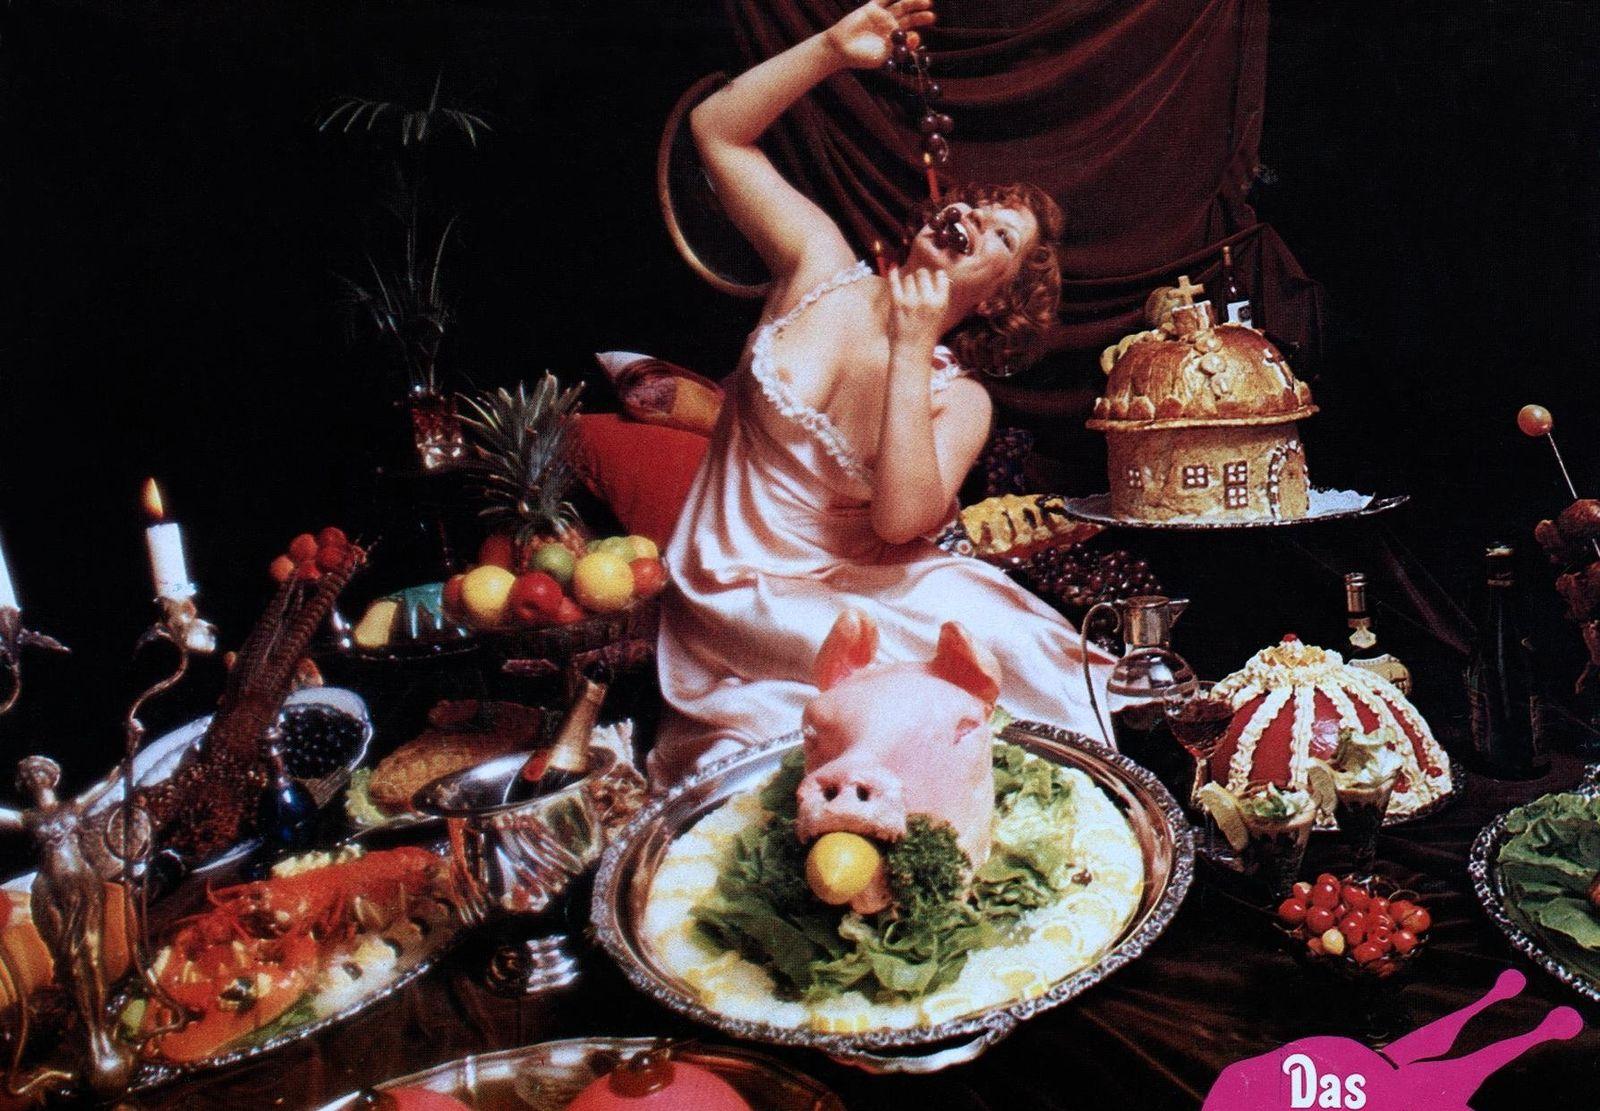 NICHT VERWENDEN EINMALIGE VERWENDUNG Das große Fressen